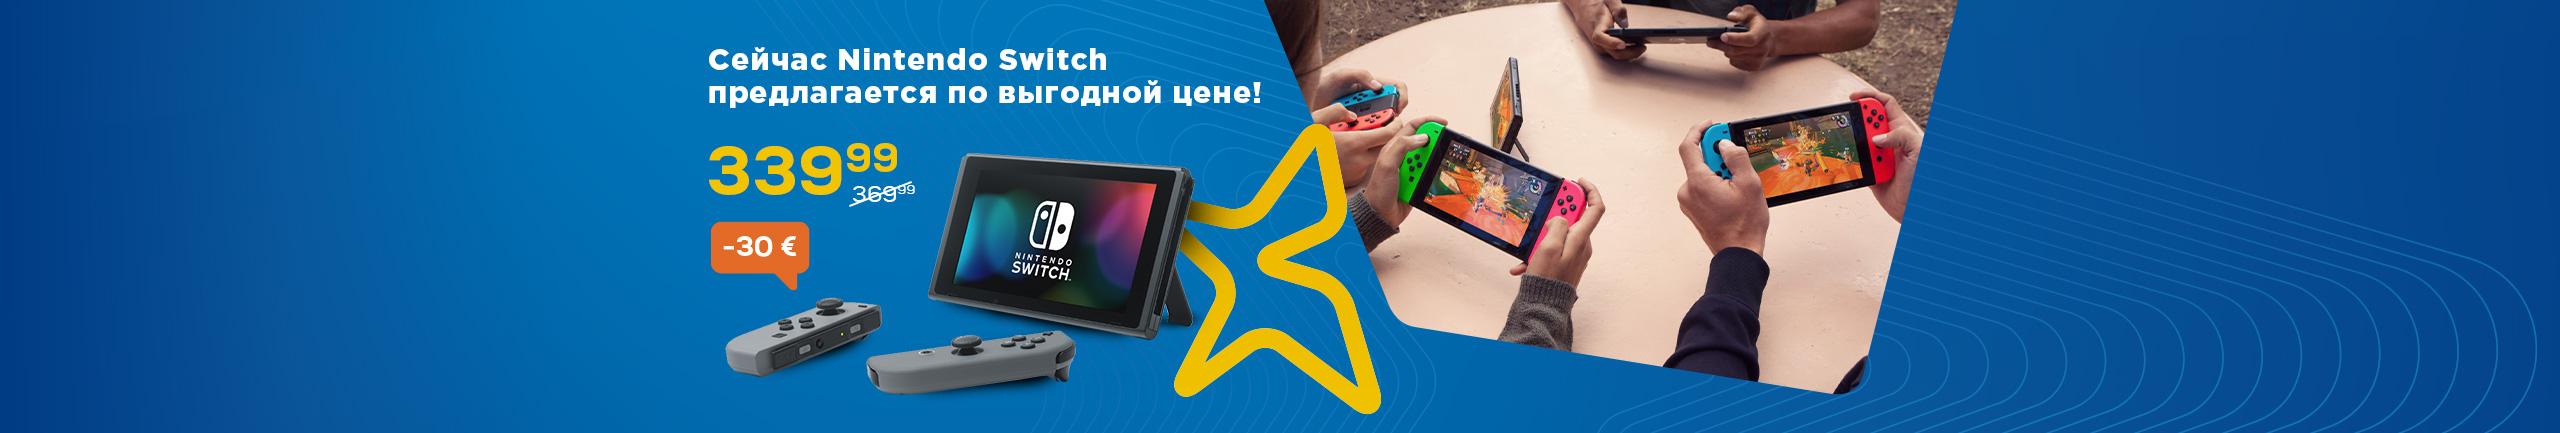 Сейчас Nintendo Switch предлагается по выгодной цене!